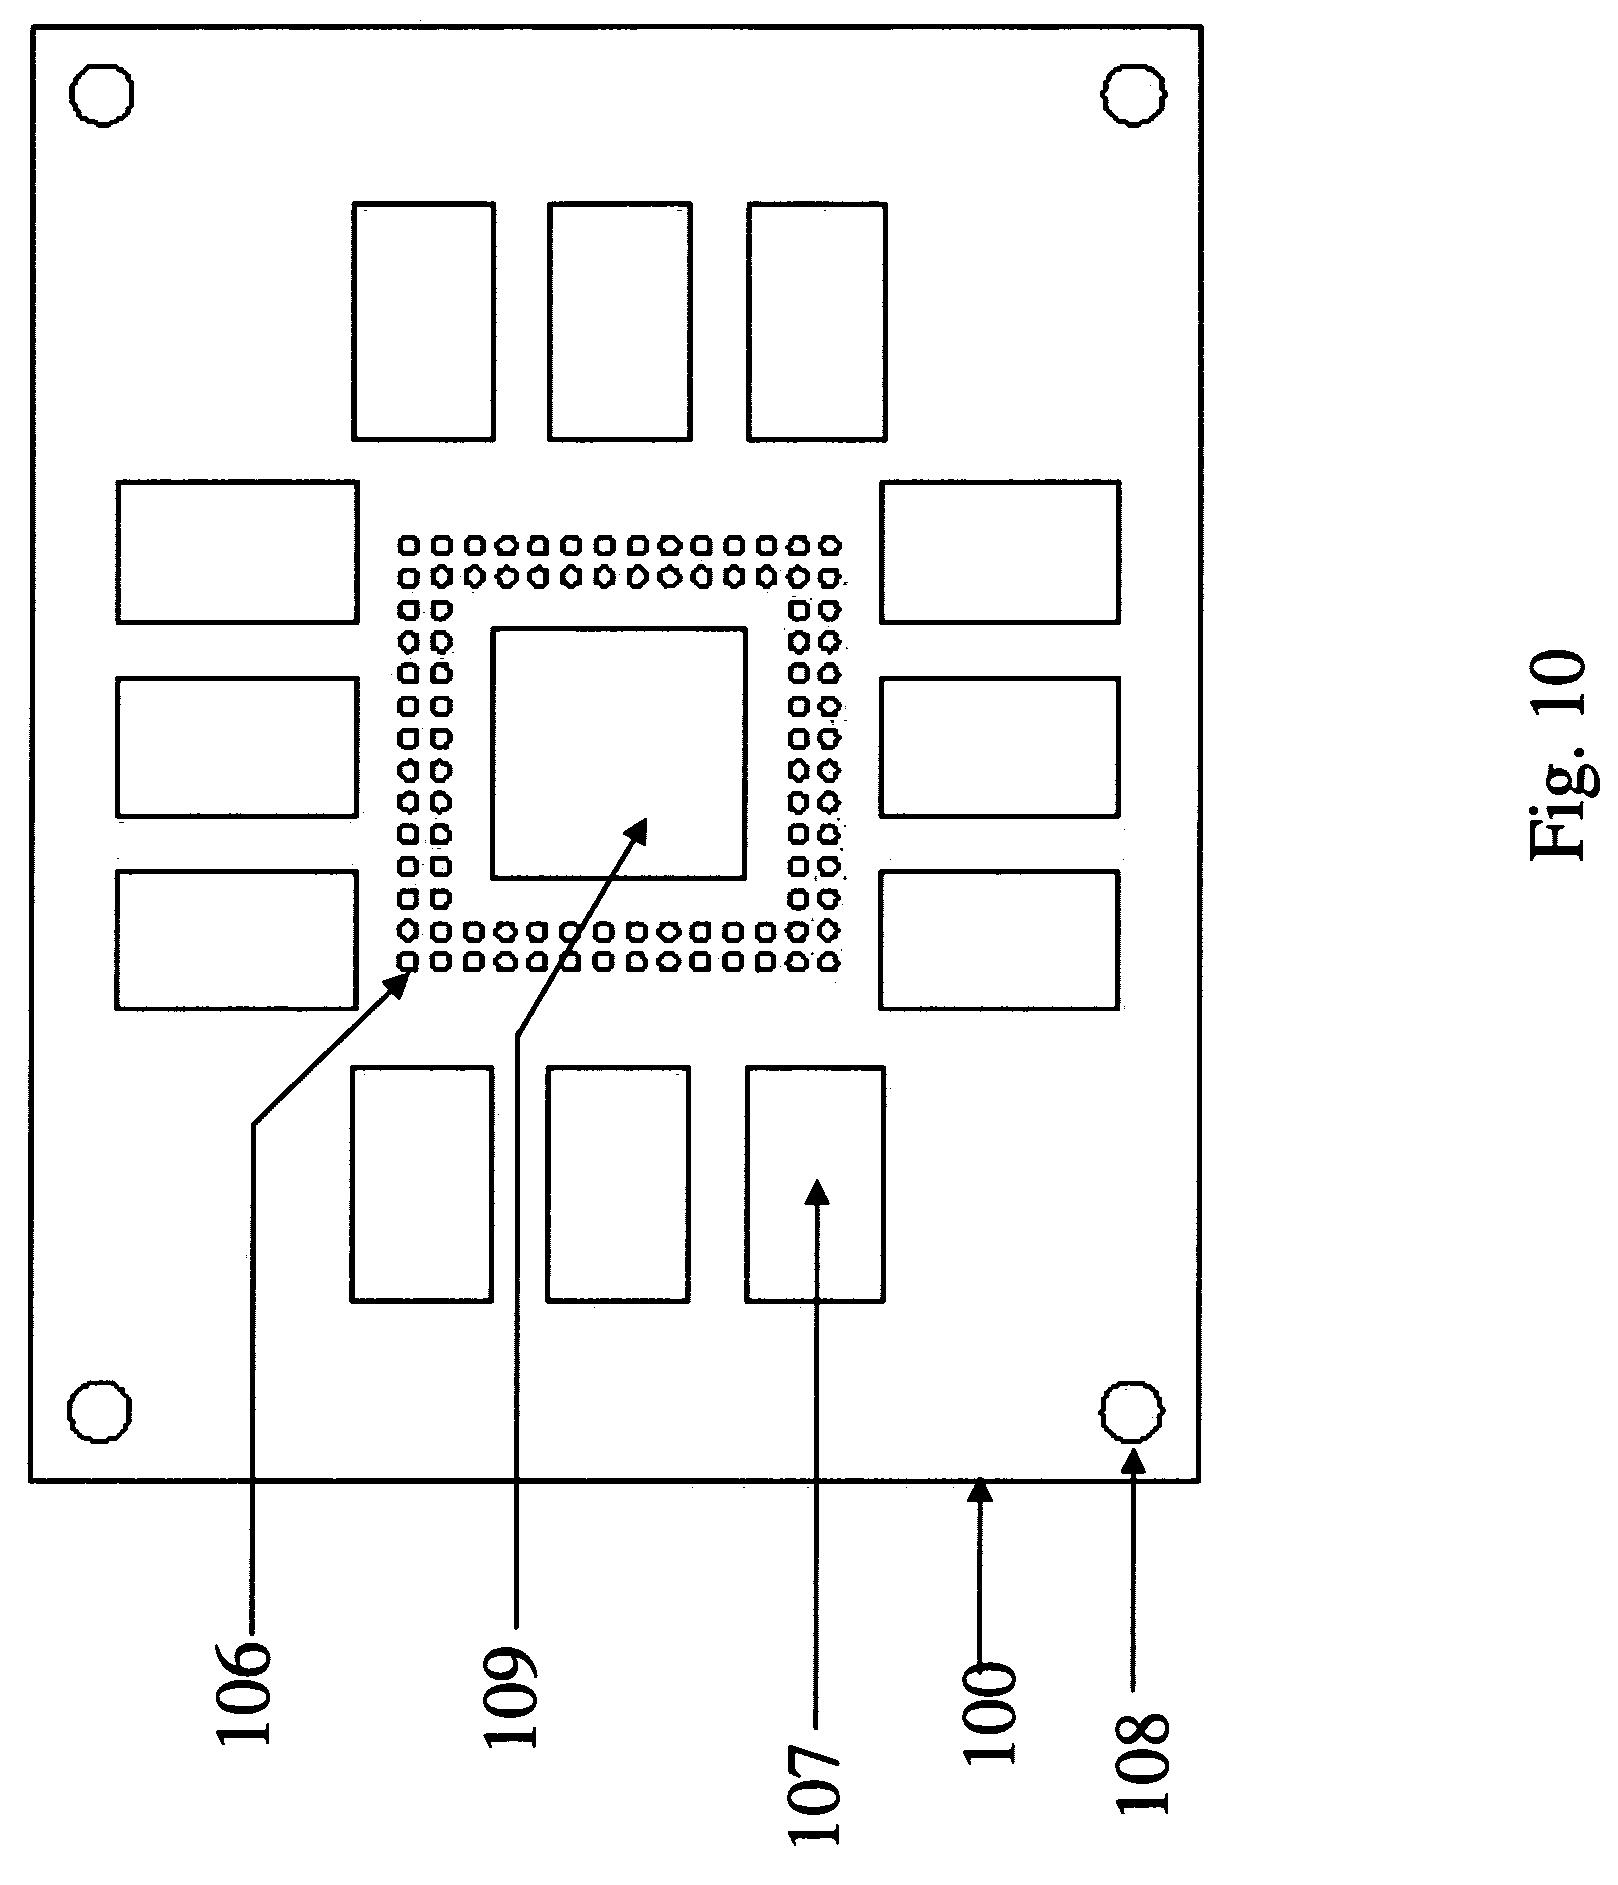 Diagrams For Lighting Circuits Diynotcom Diy And Home House